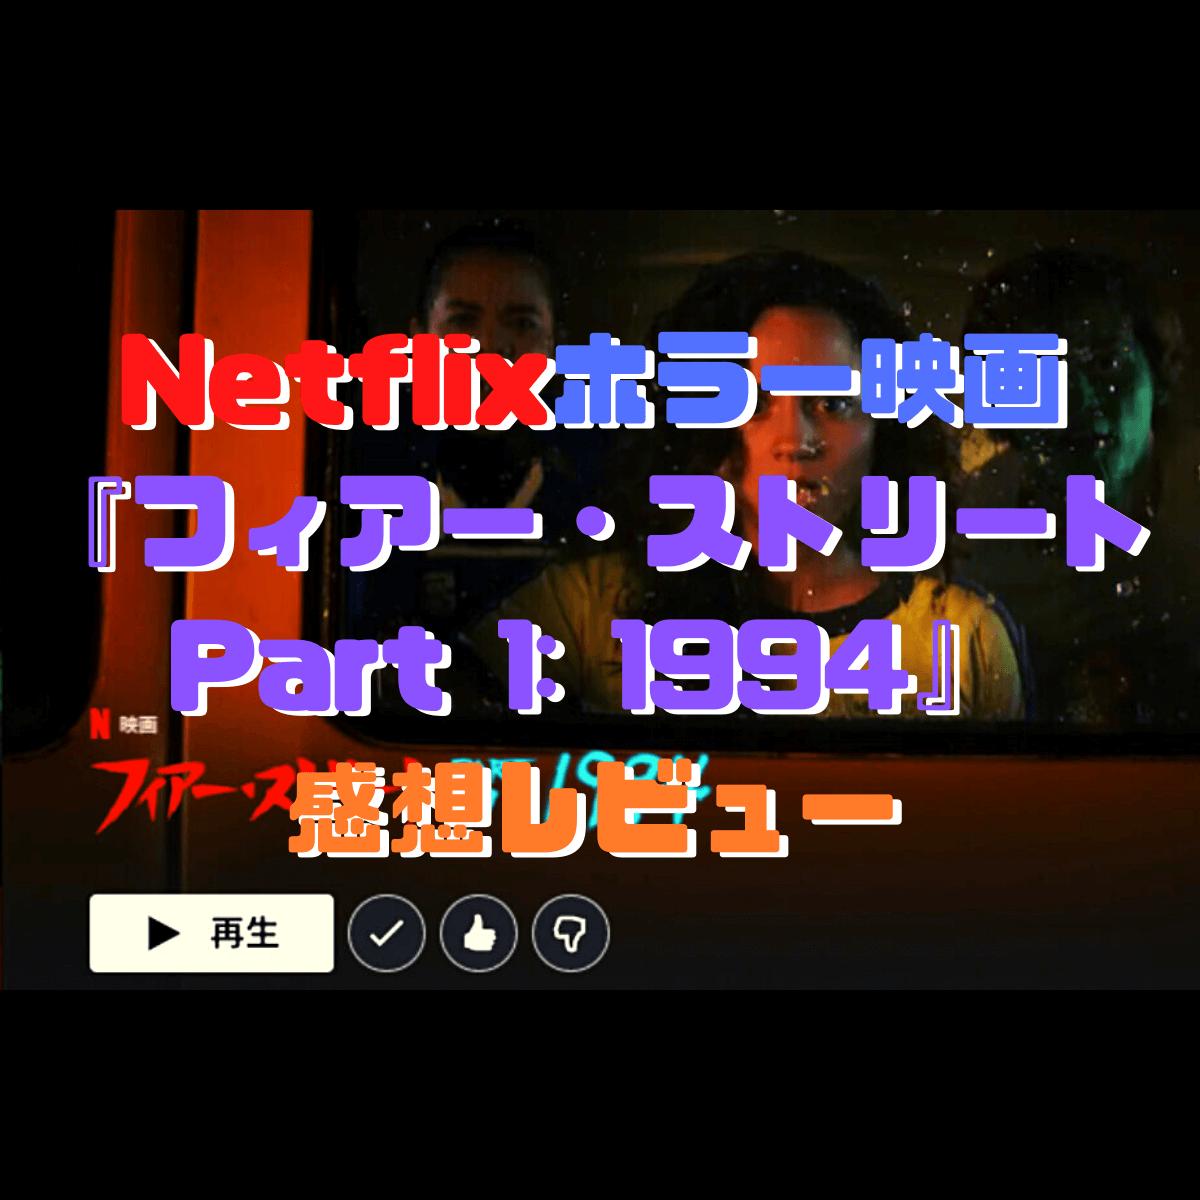 Netflixホラー映画『フィアー・ストリート Part 1: 1994』感想レビュー